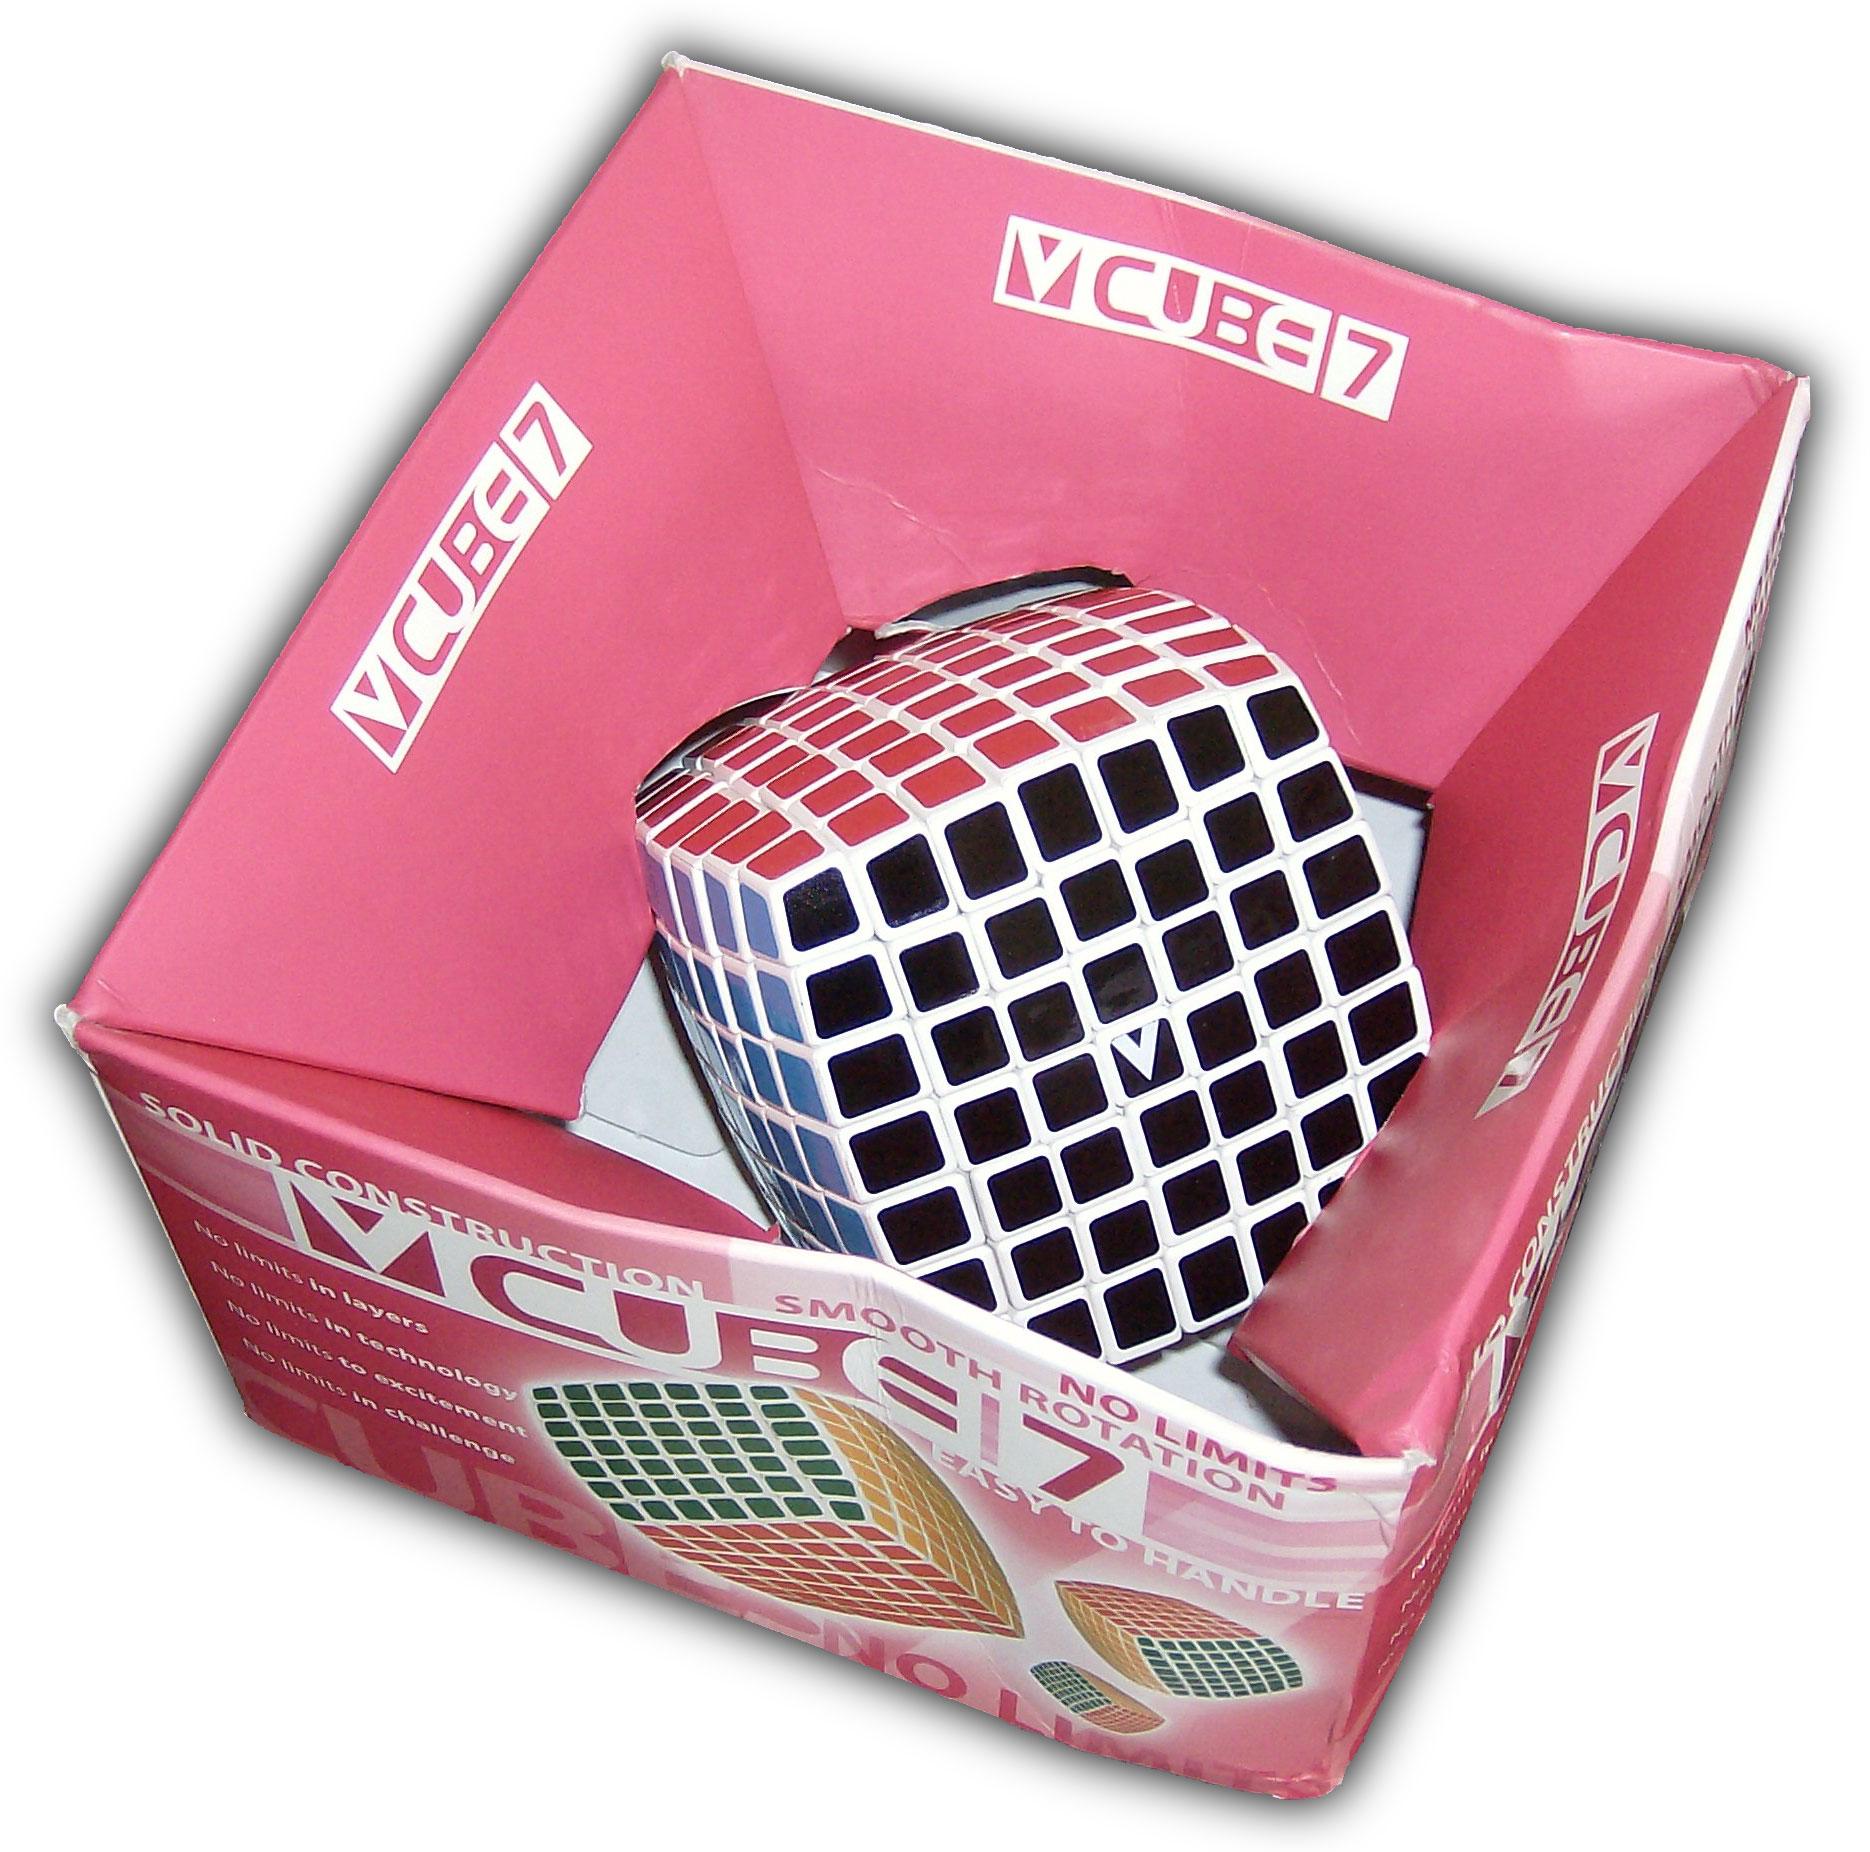 V-Cube 7 in box